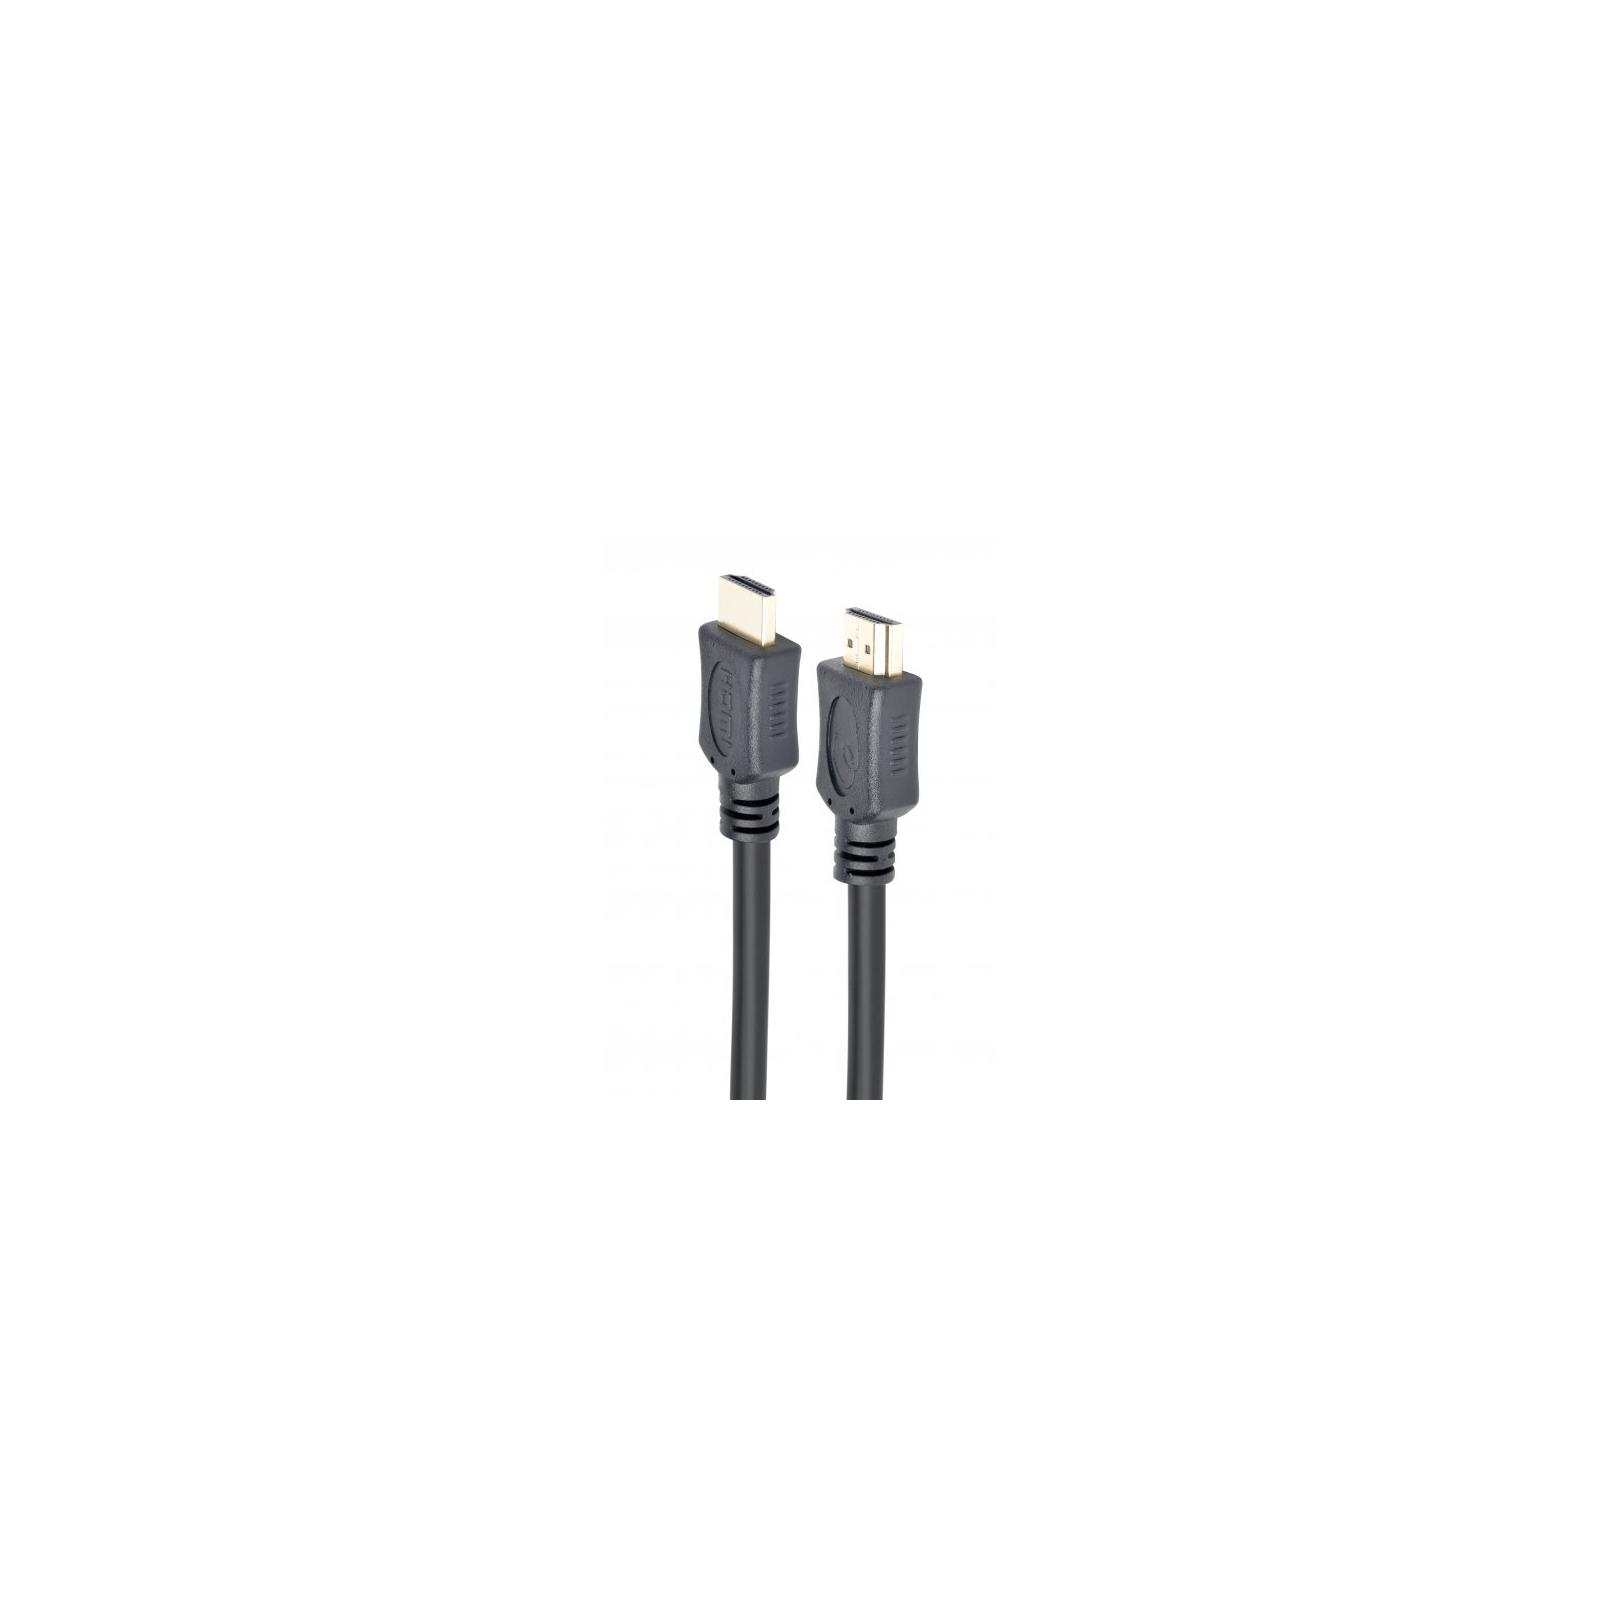 Кабель мультимедийный HDMI to HDMI 0.5m V.1.4 Cablexpert (CC-HDMI4L-0.5M) изображение 2